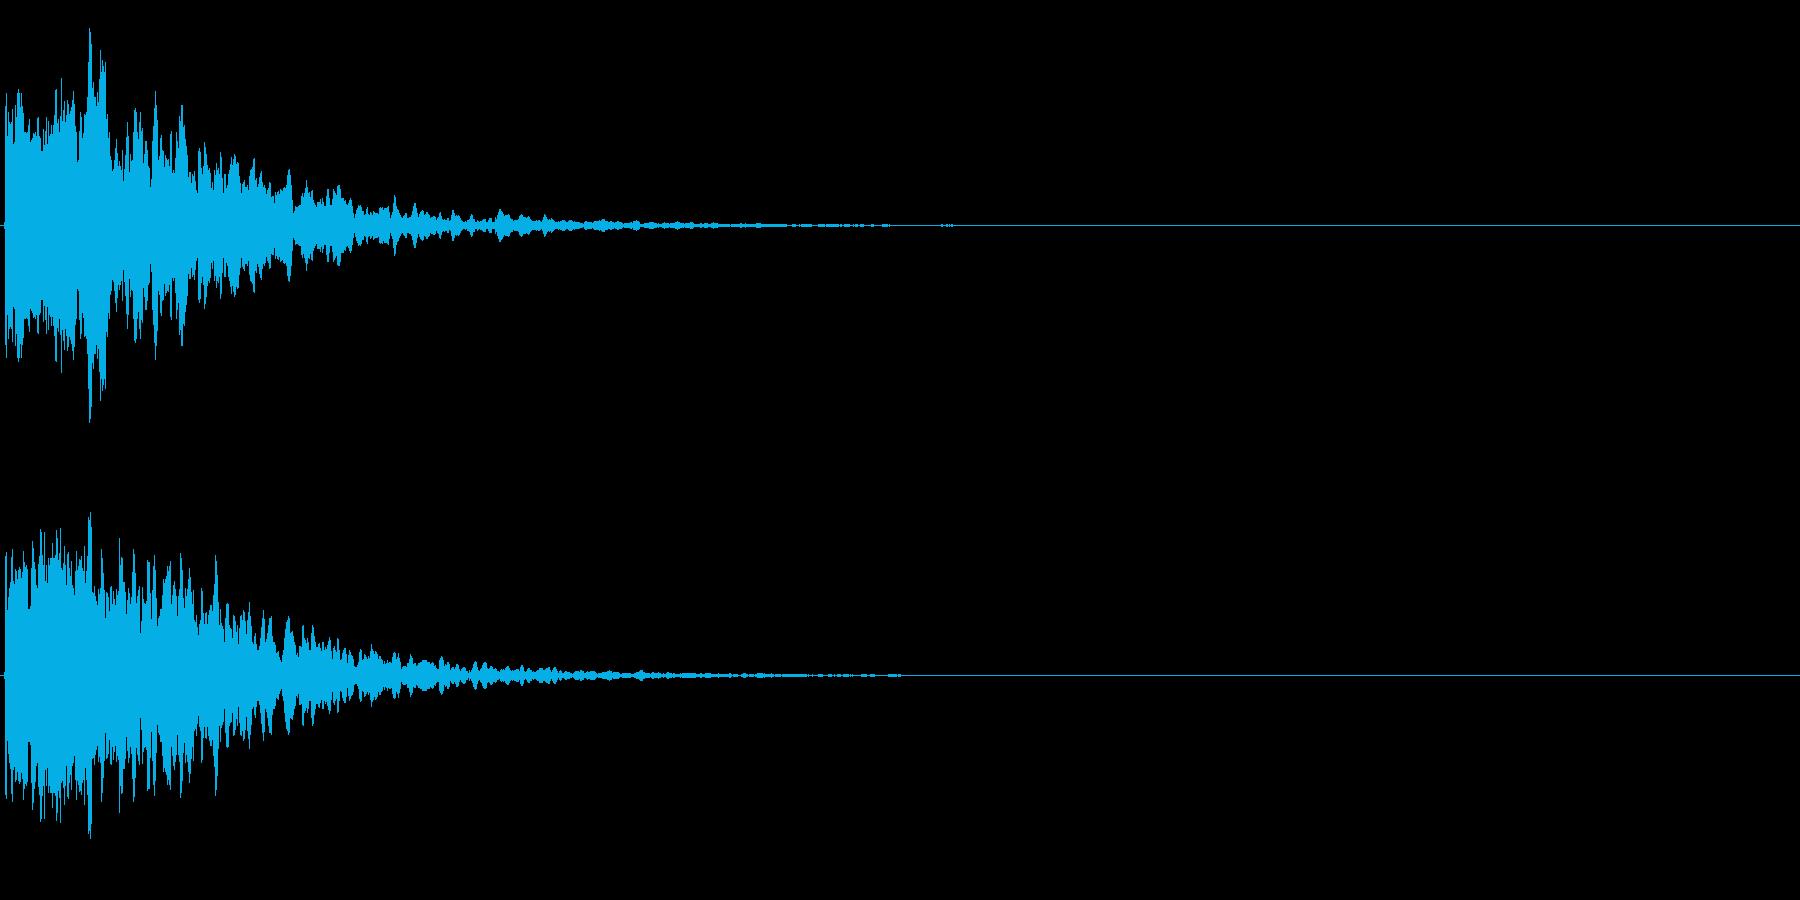 ゲームスタート、決定、ボタン音-011の再生済みの波形